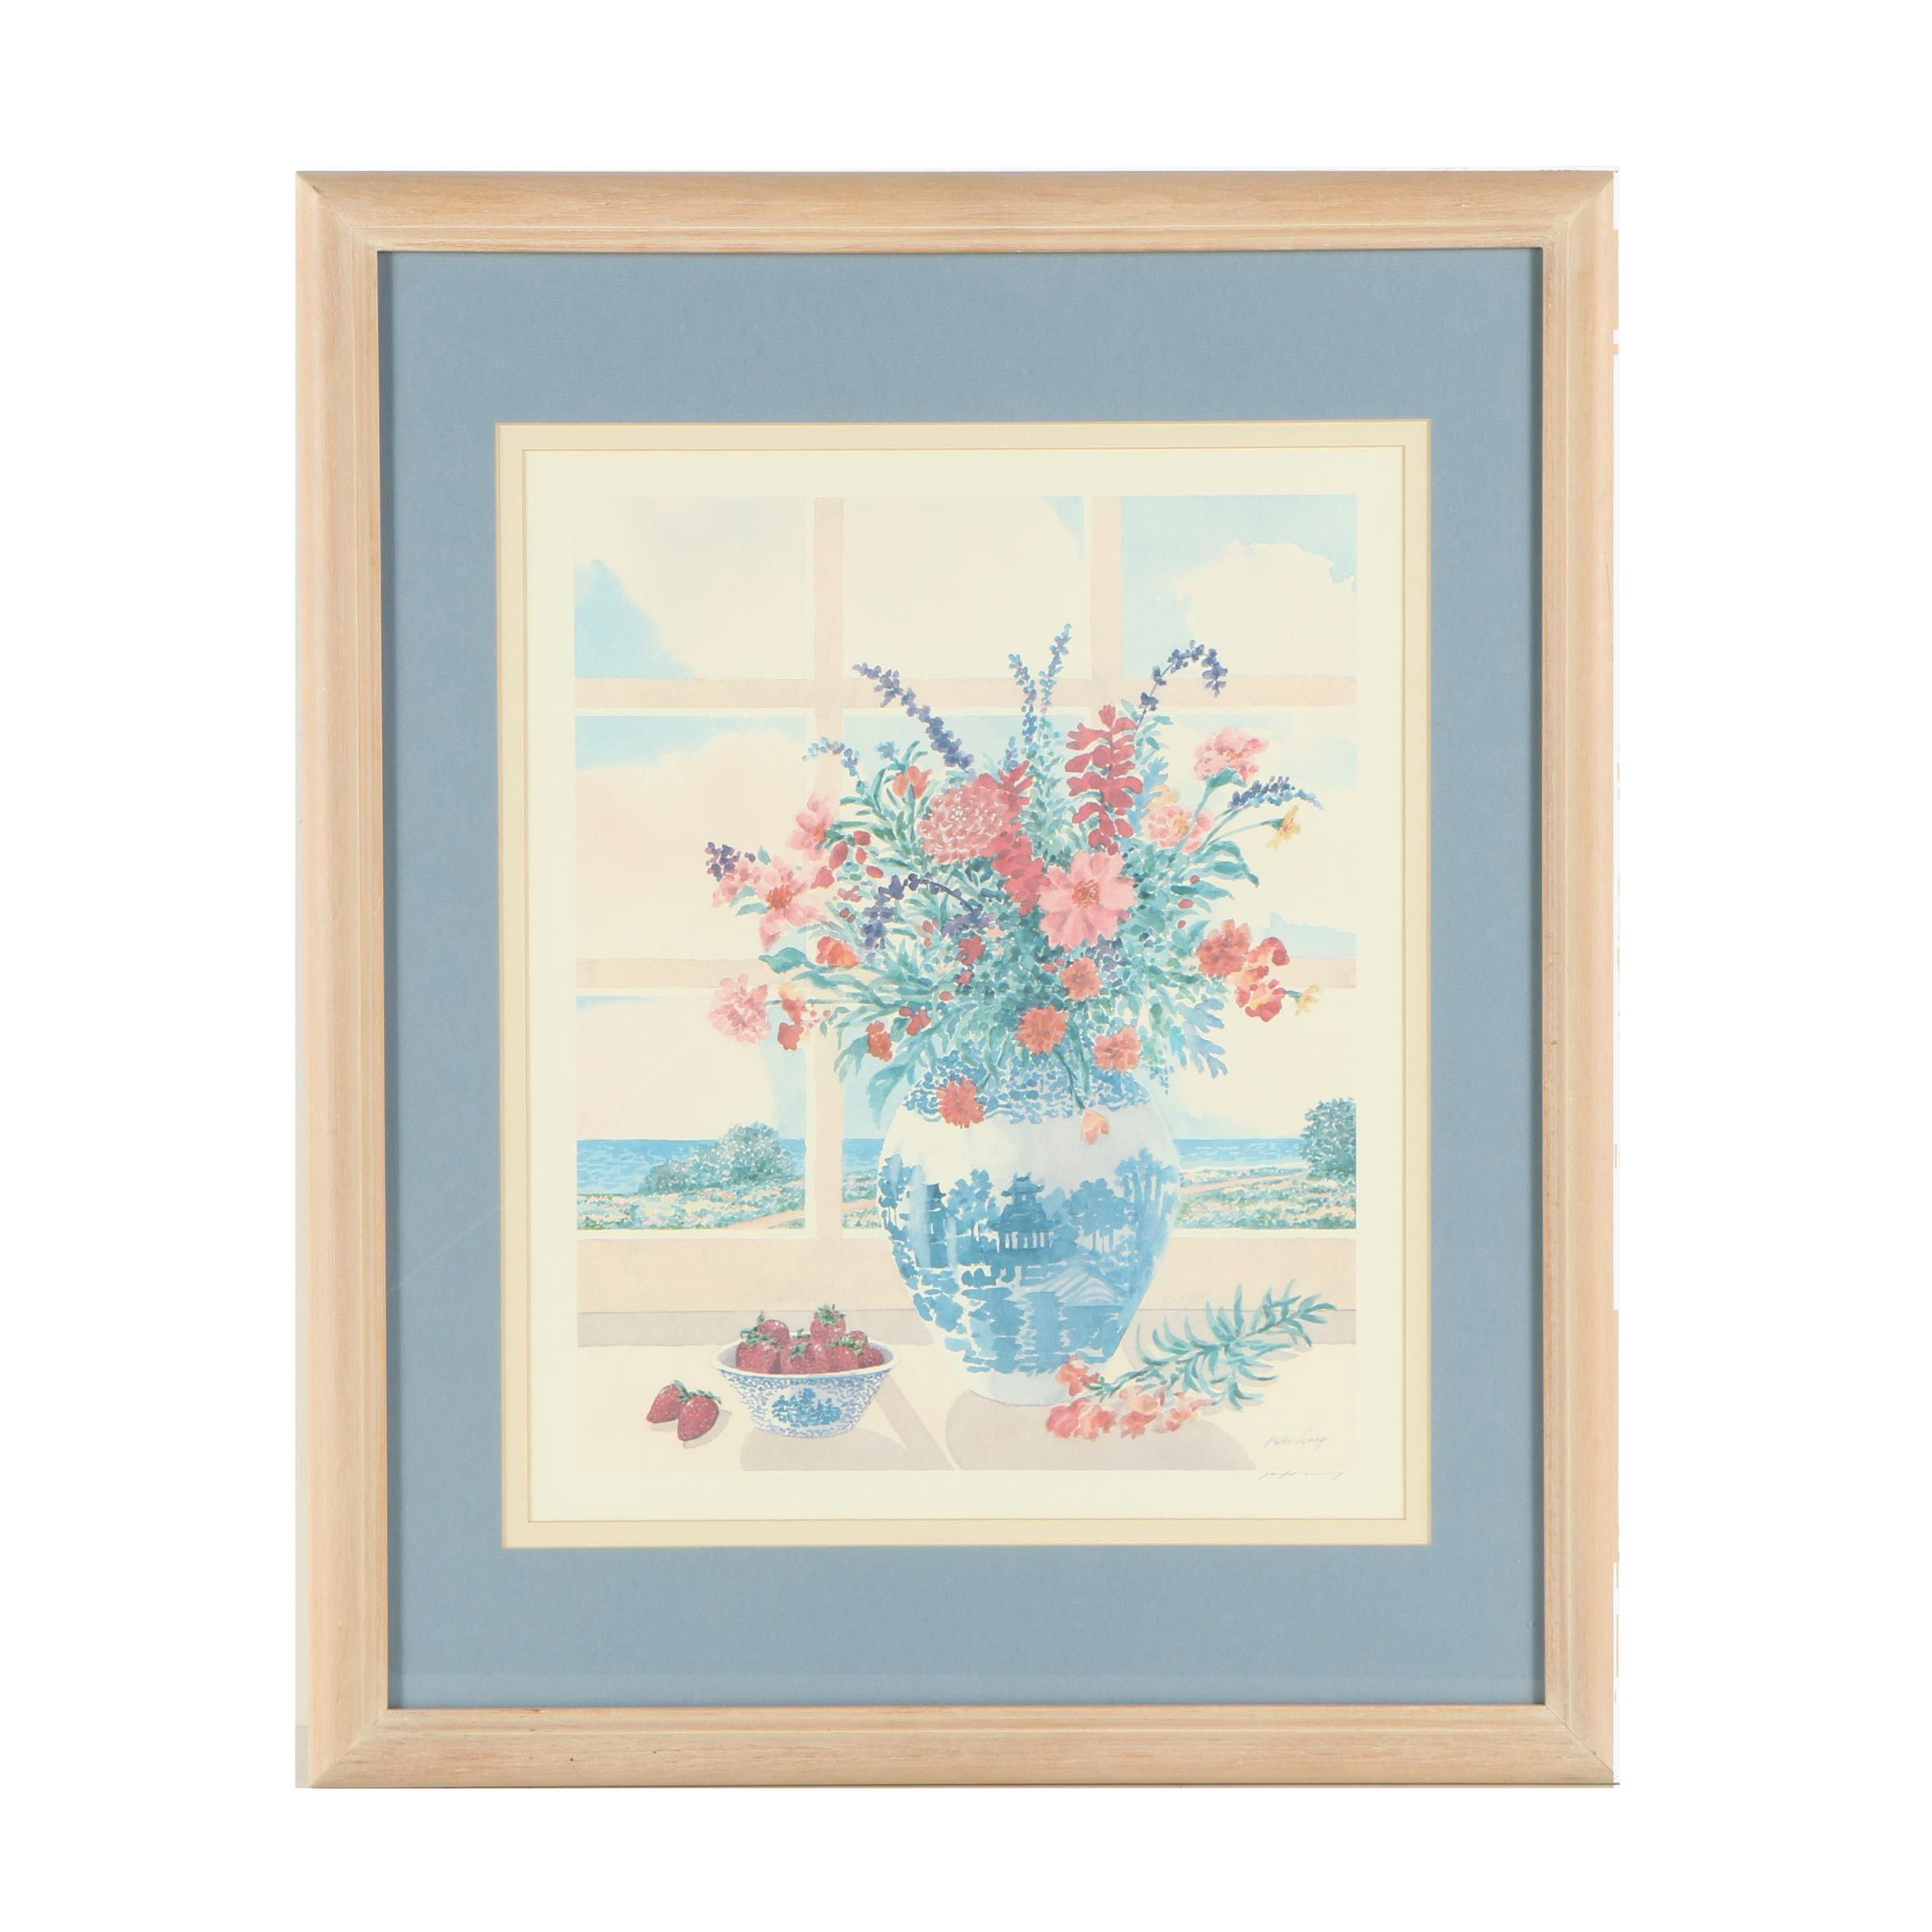 Peter Wong Offset Lithograph of a Floral Arrangement